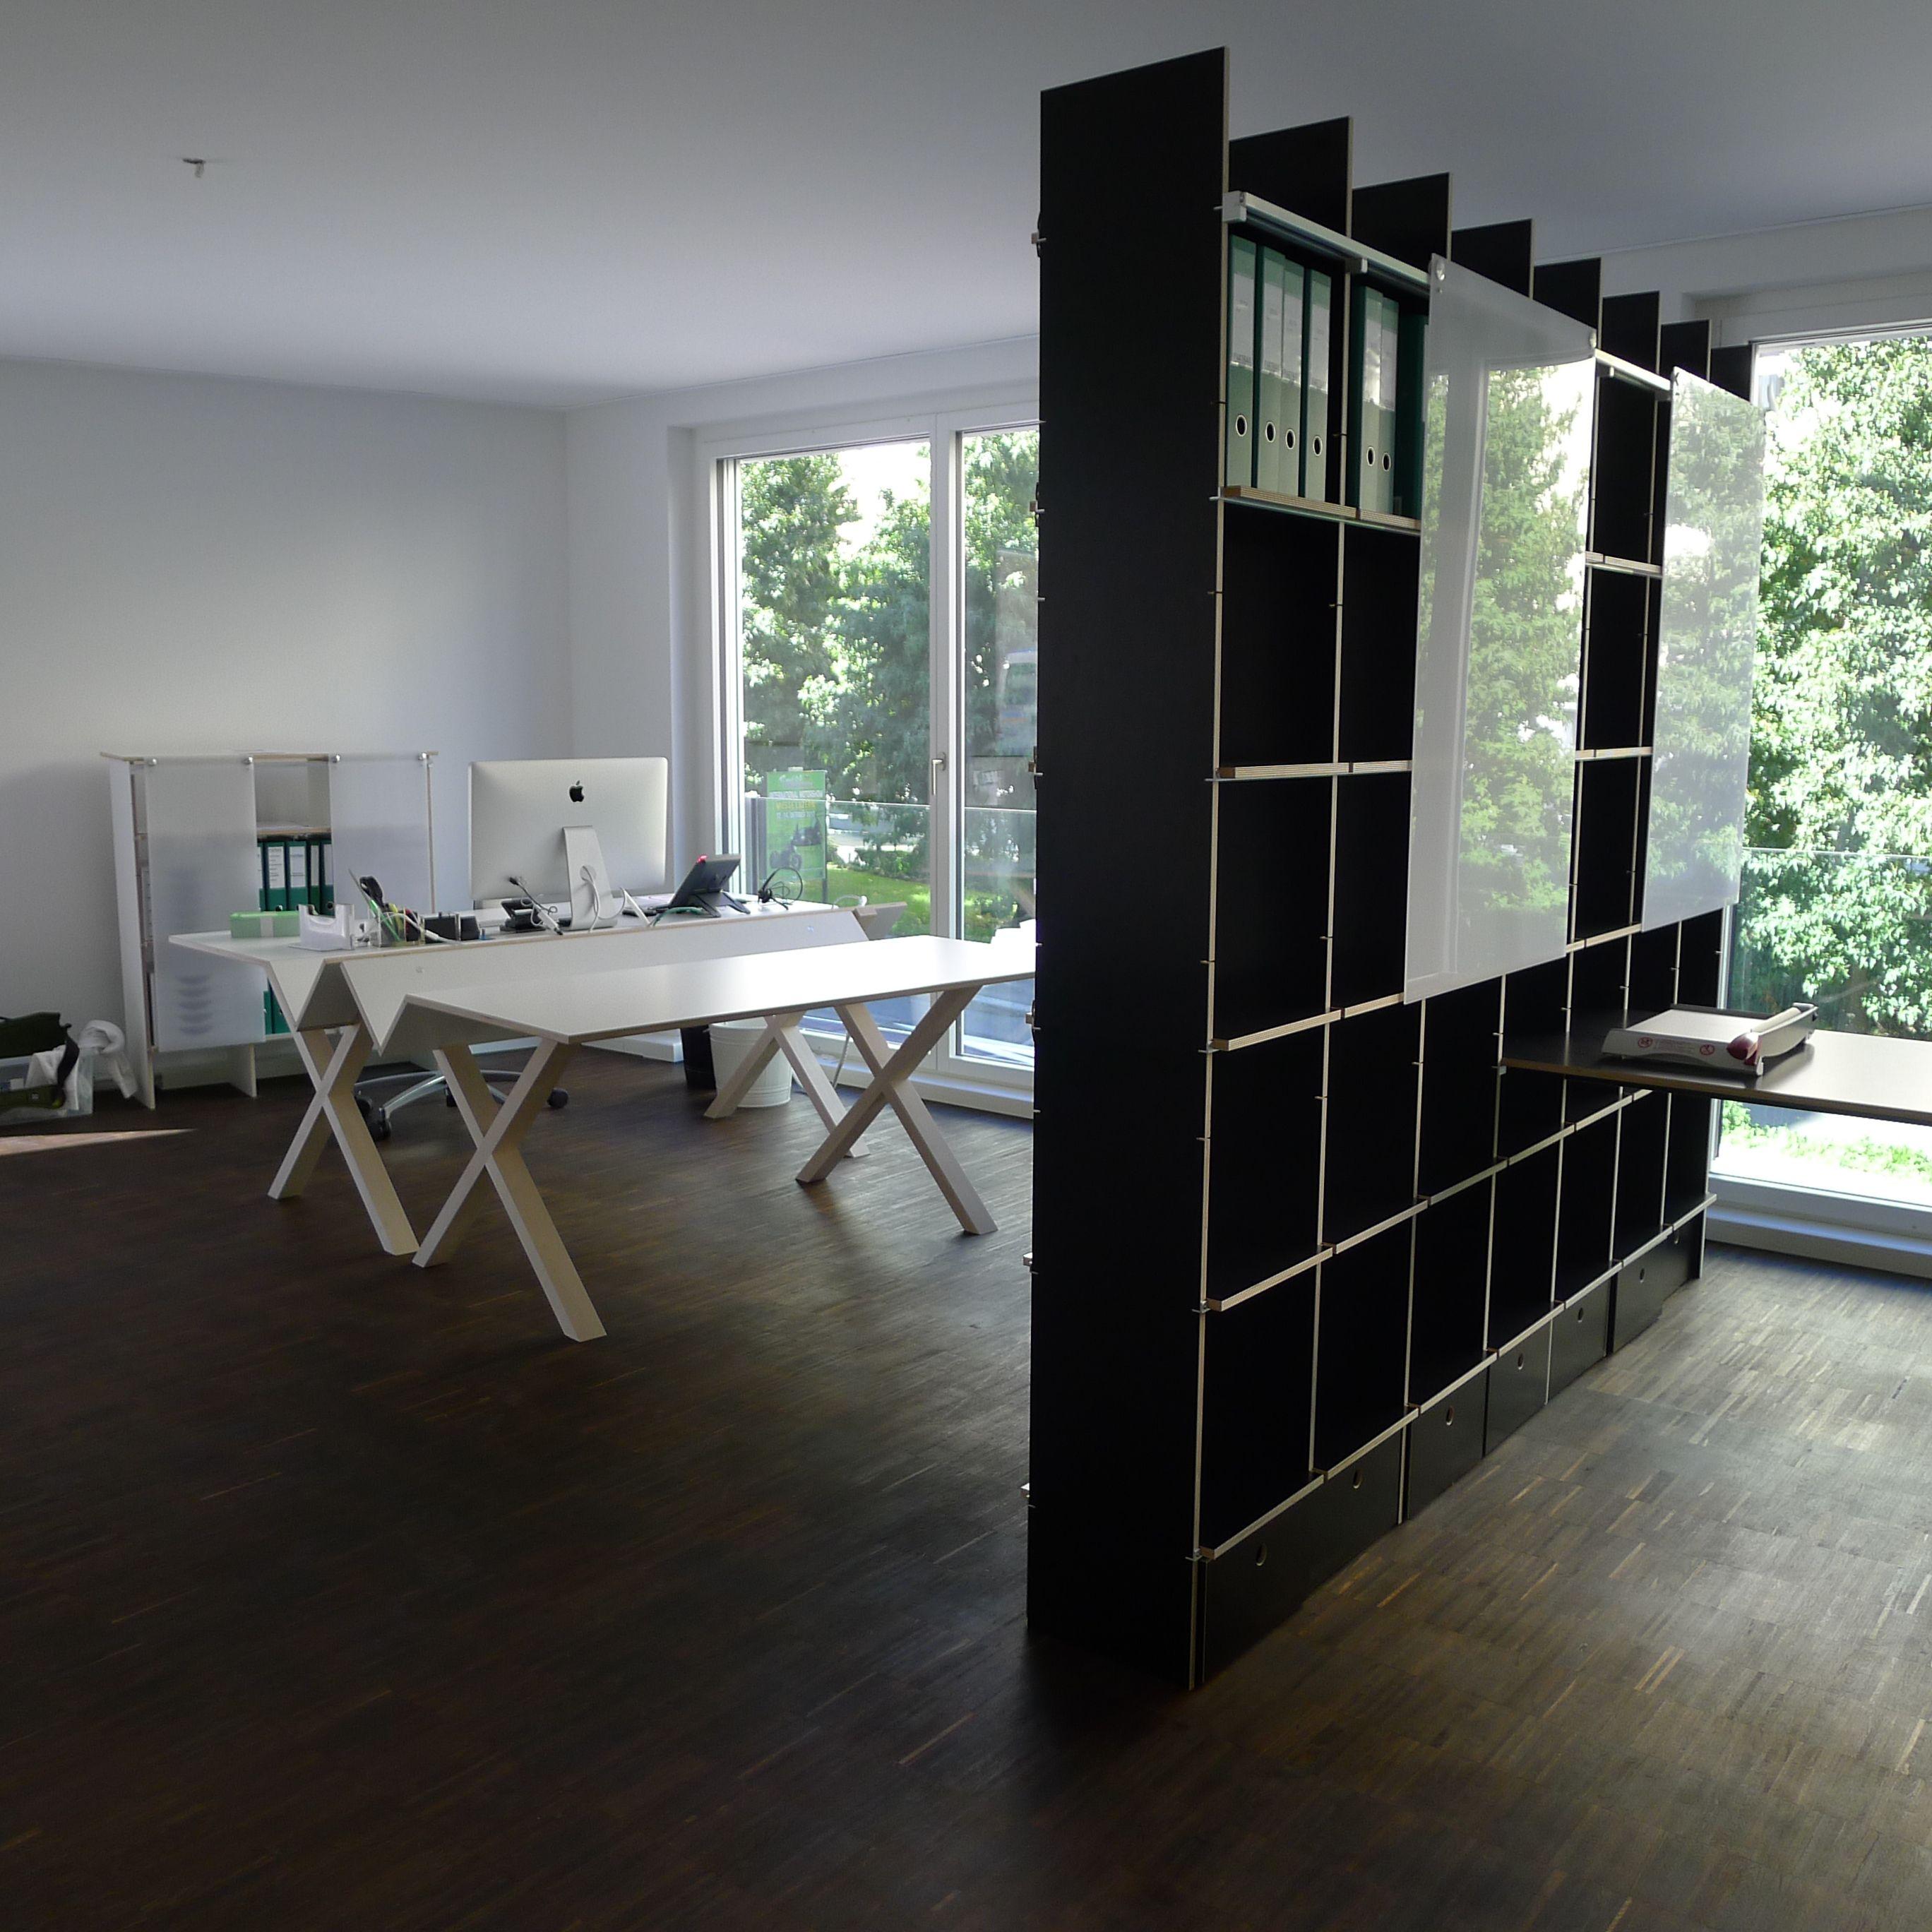 kant tisch und fnp regal von moormann moormann pinterest interiors. Black Bedroom Furniture Sets. Home Design Ideas